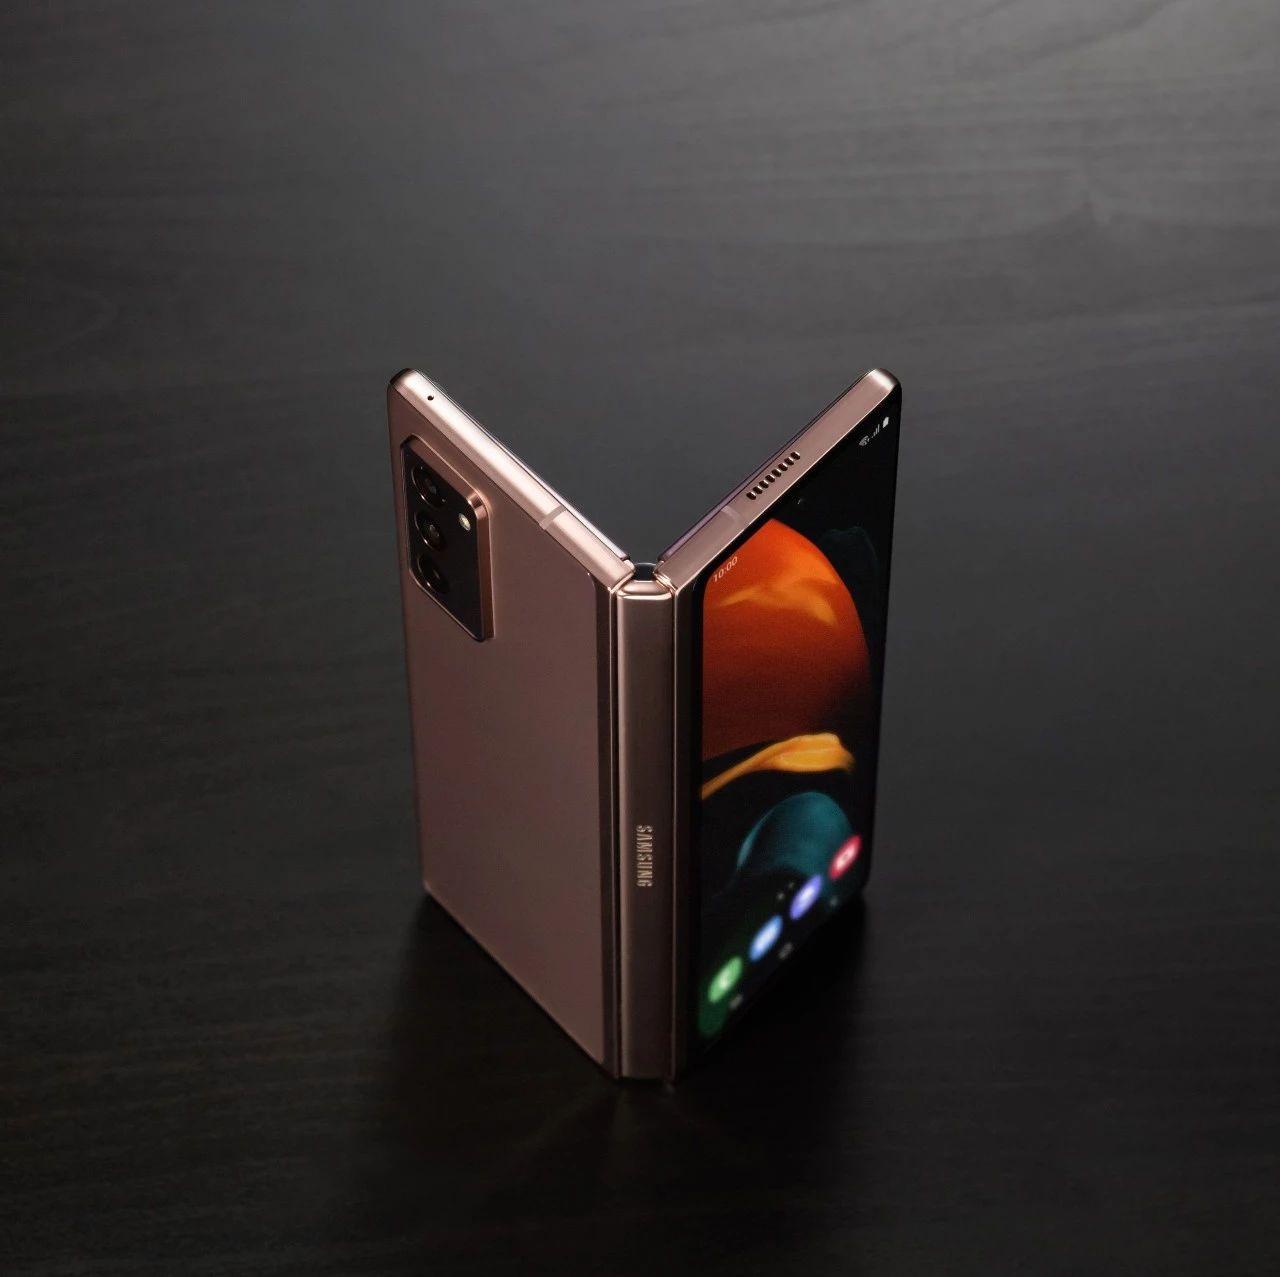 数据显示:今年上半年全球智能手机出货量达到6.5亿部